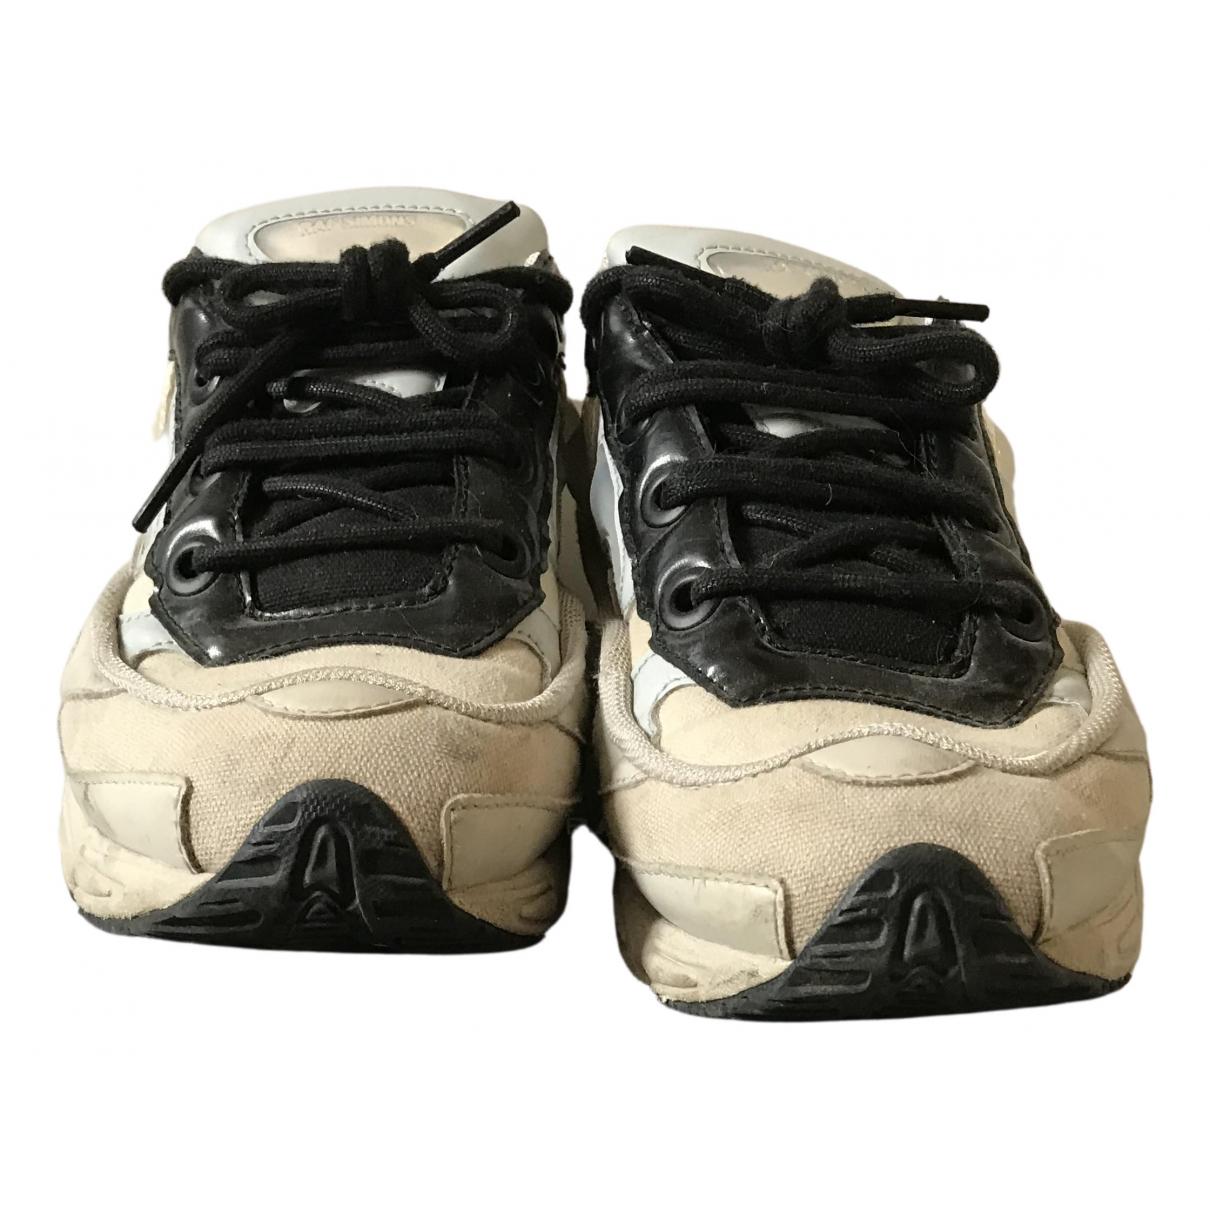 Adidas X Raf Simons - Baskets Owzeego 3 pour homme - blanc